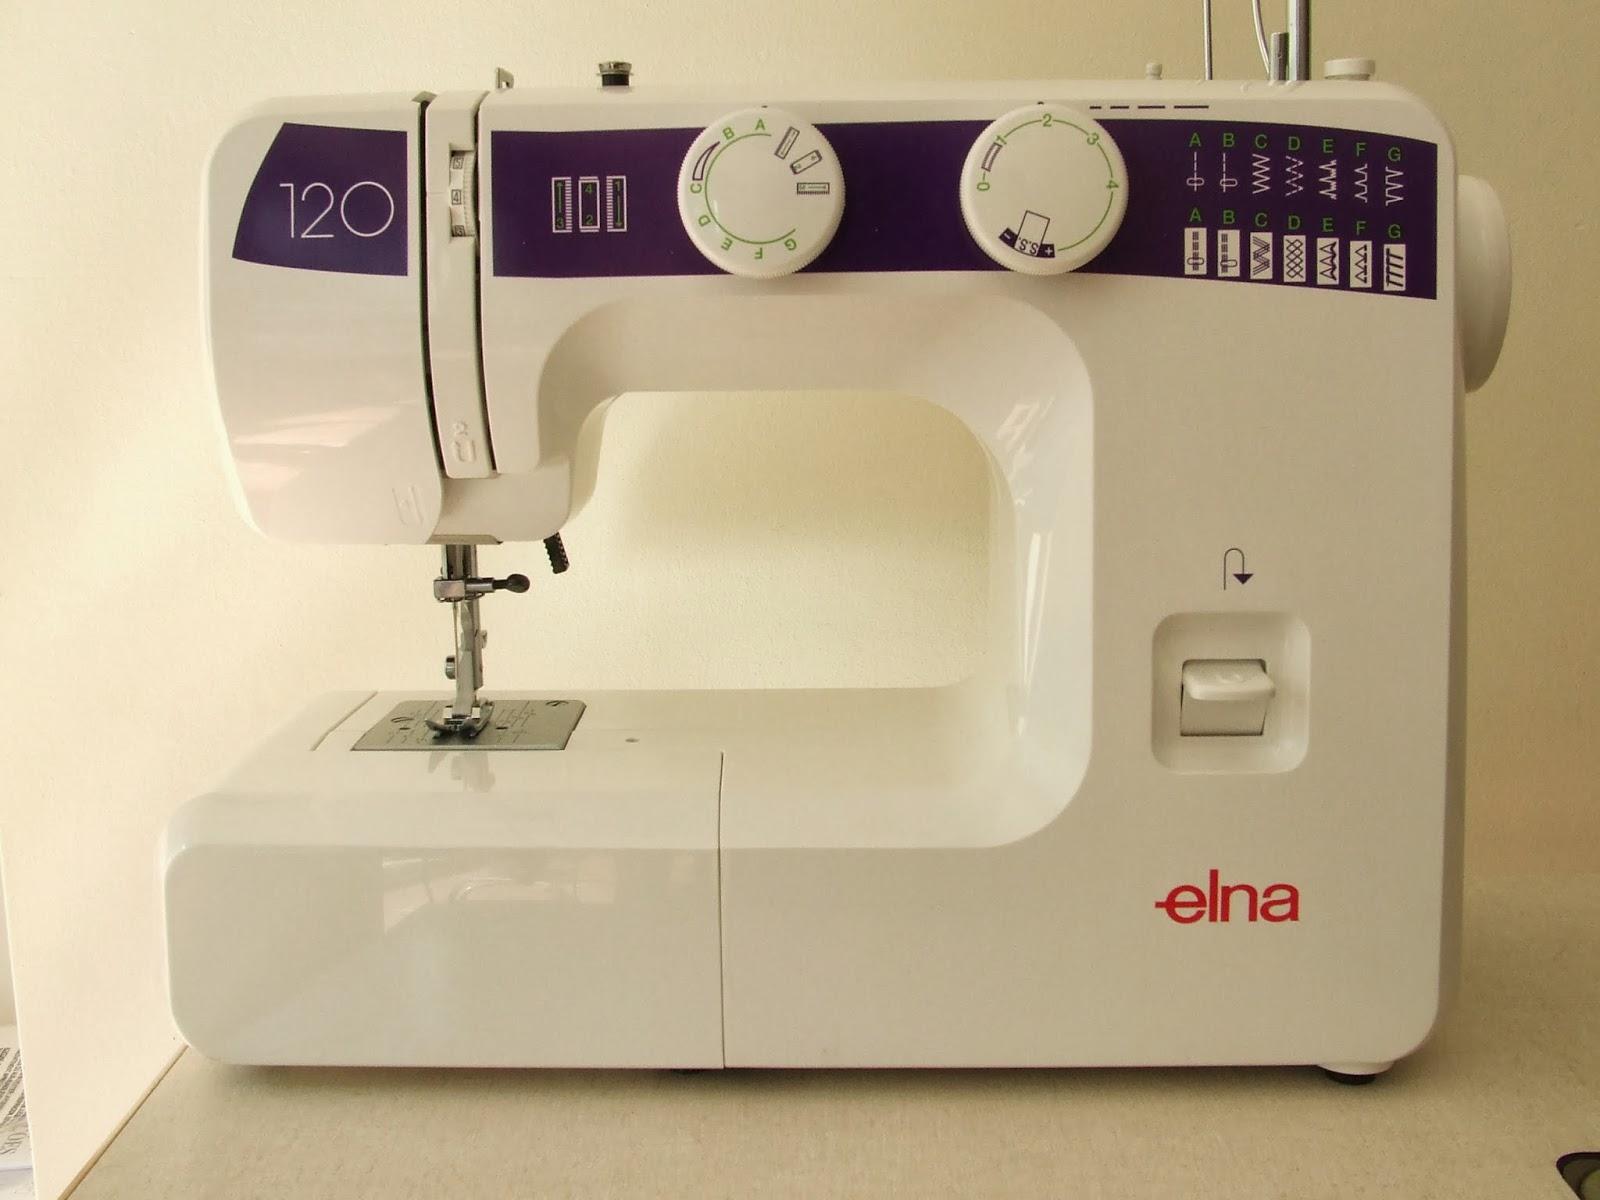 SEOANETEXTIL: Máquina de coser Elna 120